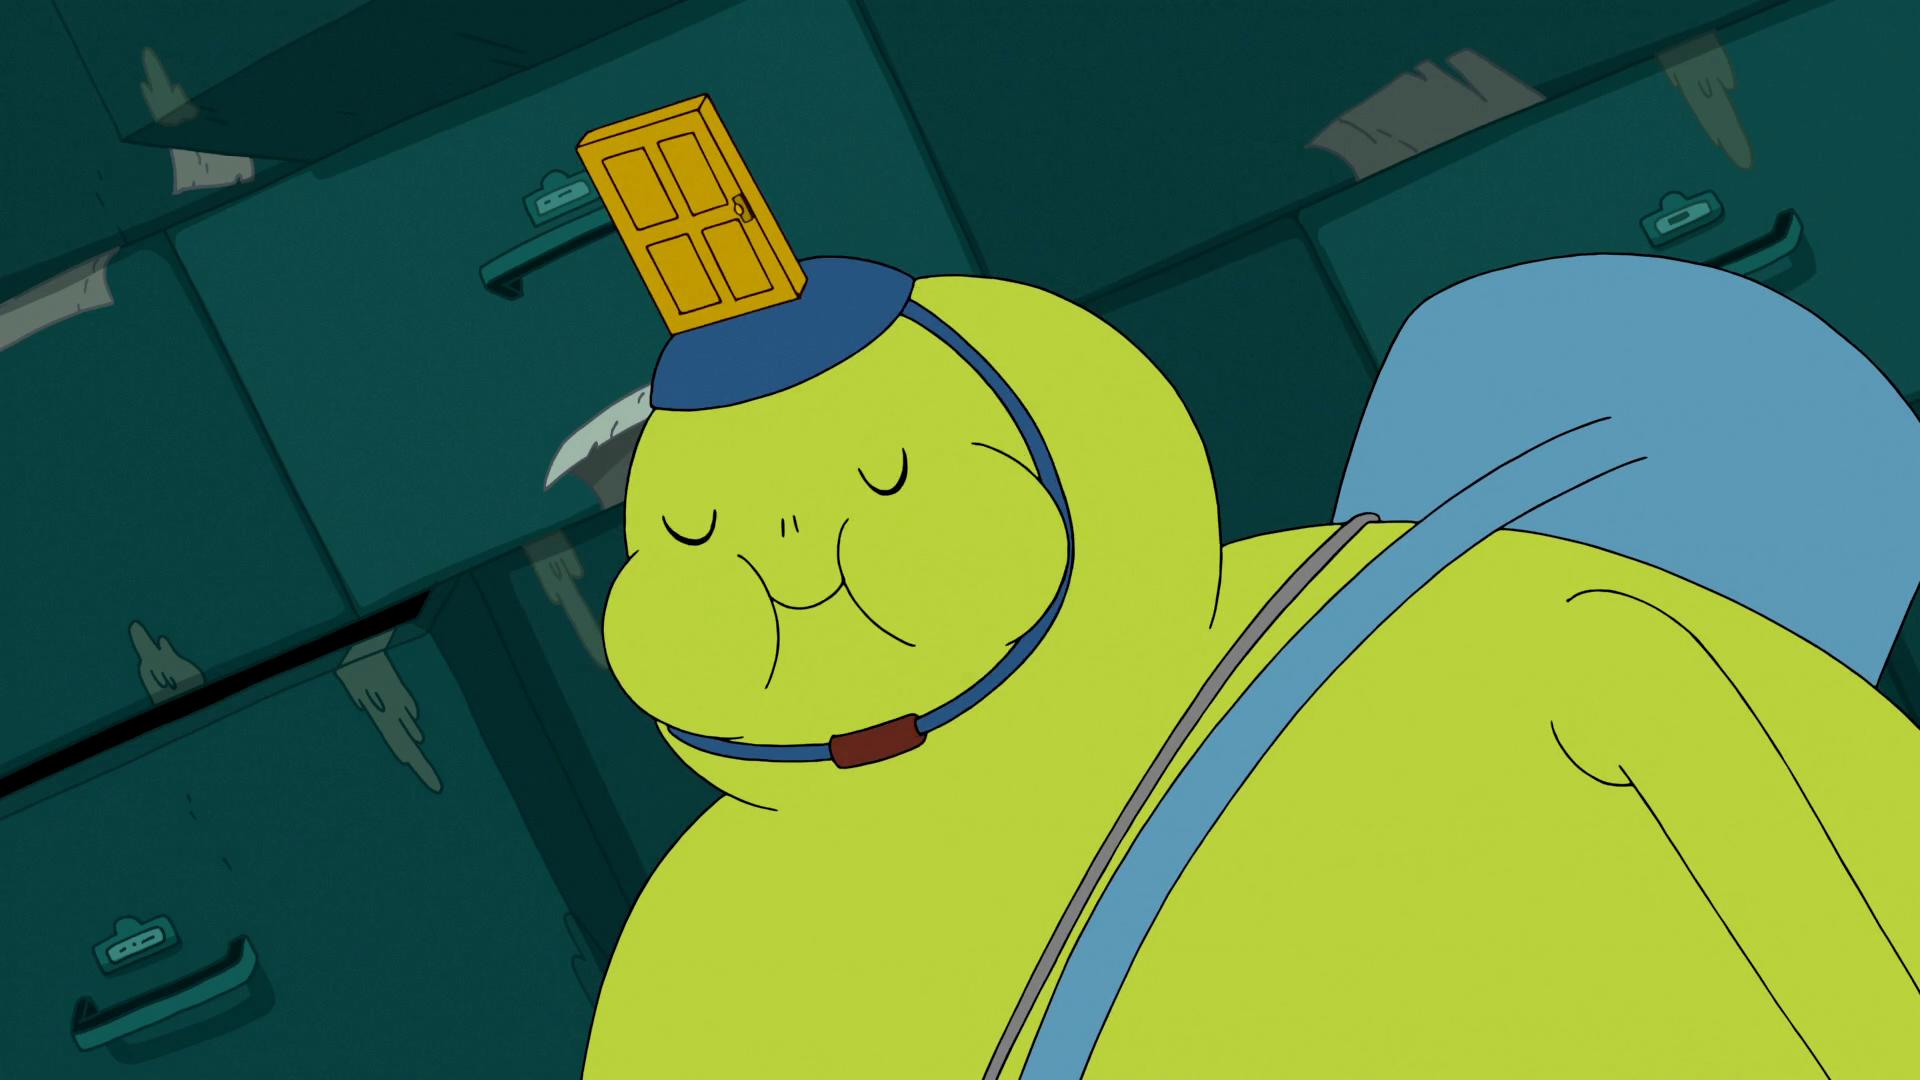 S3e10 Door Lord shaking head.png & Image - S3e10 Door Lord shaking head.png | Adventure Time Wiki ...